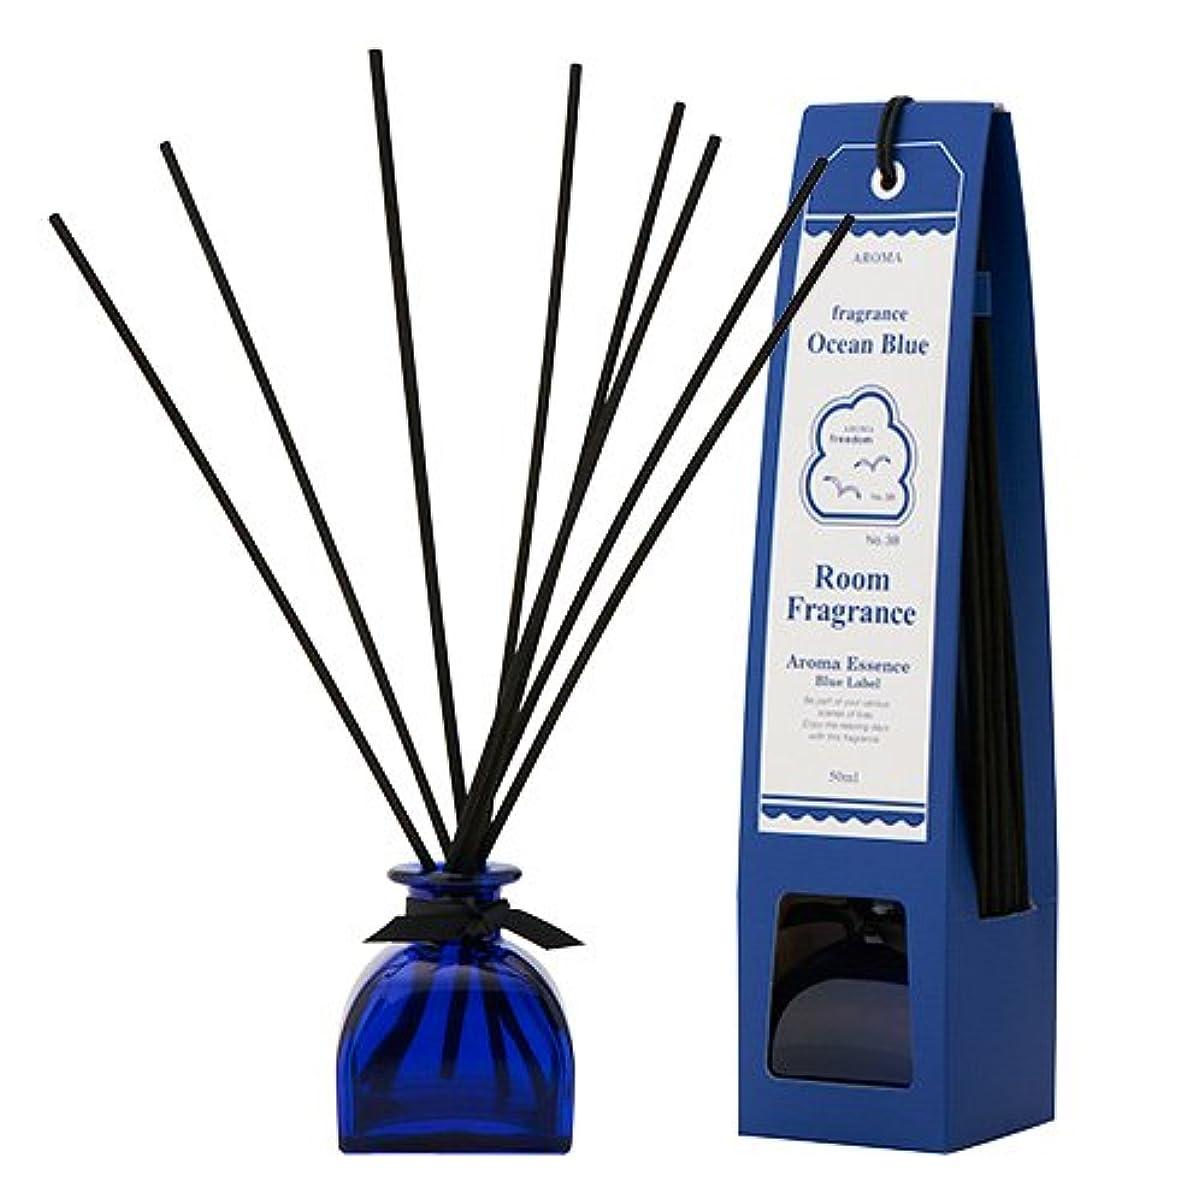 リクルート南西夕方ブルーラベル ルームフレグランス オーシャンブルー 50ml(芳香剤 リードディフューザー 海の爽快さを思い出させる香り)